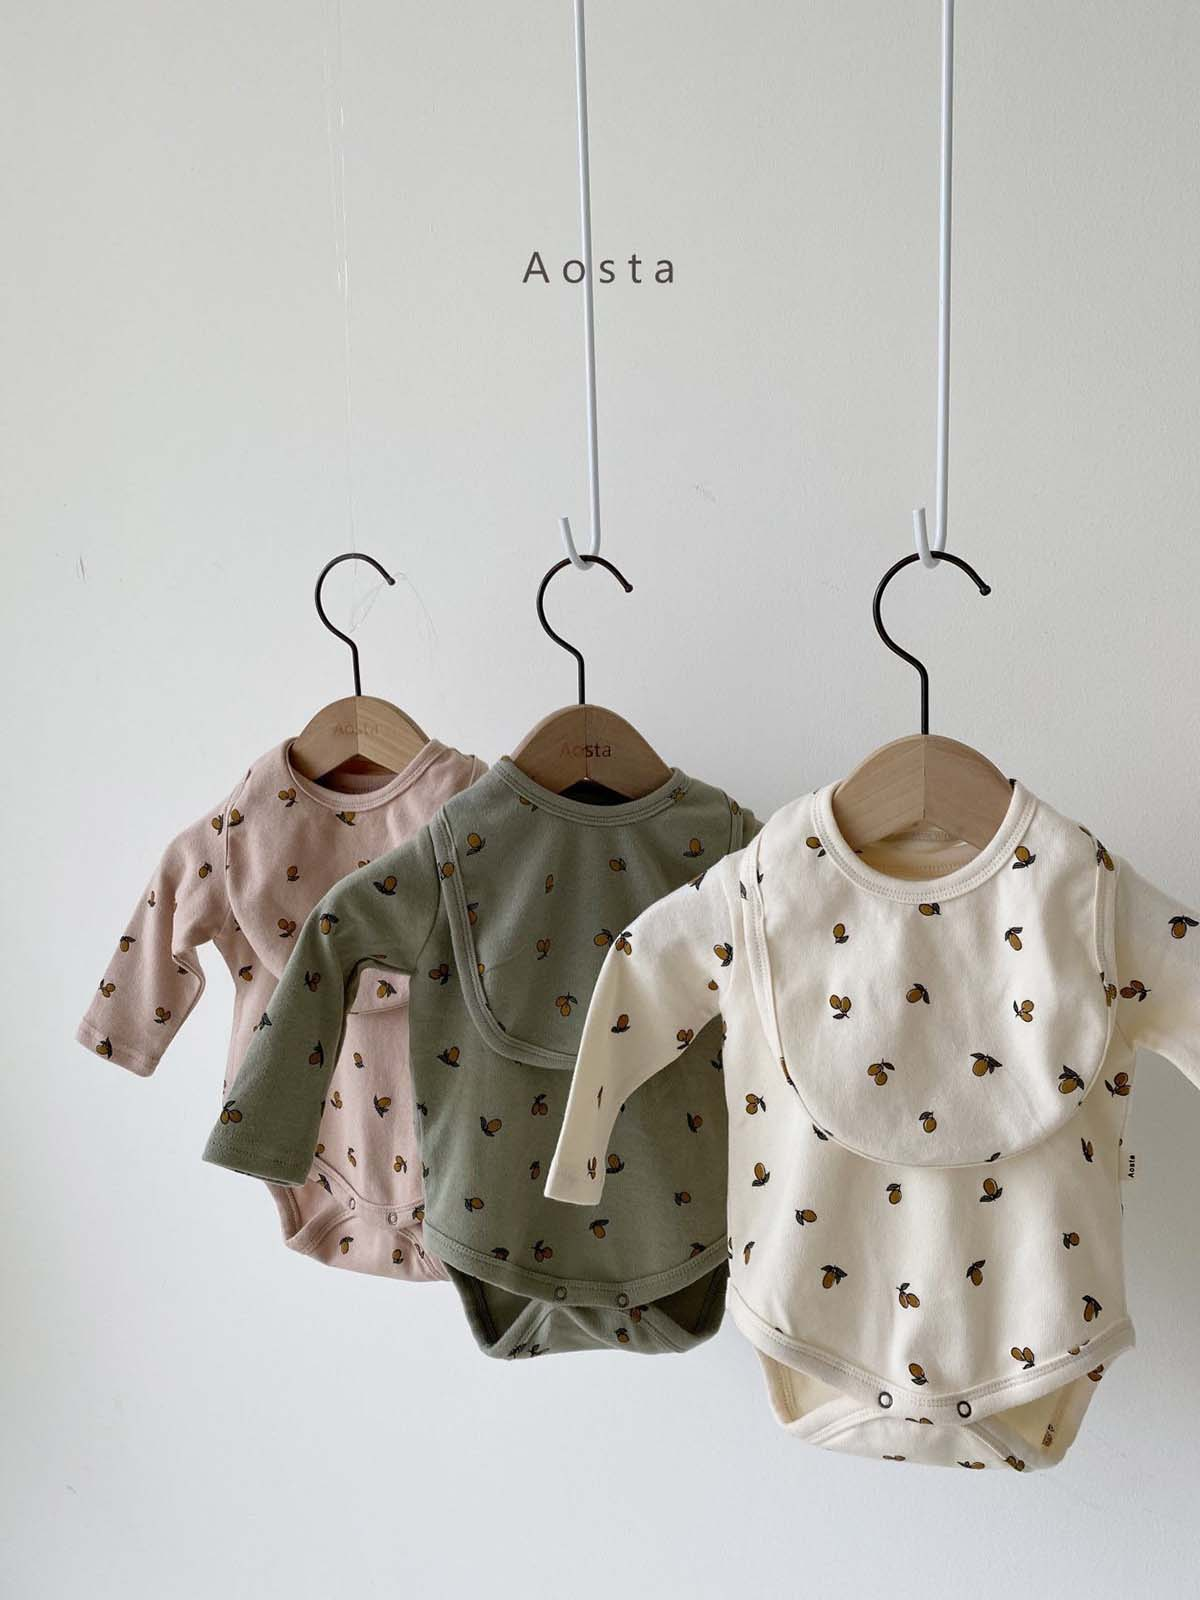 Olive suit(Aosta)